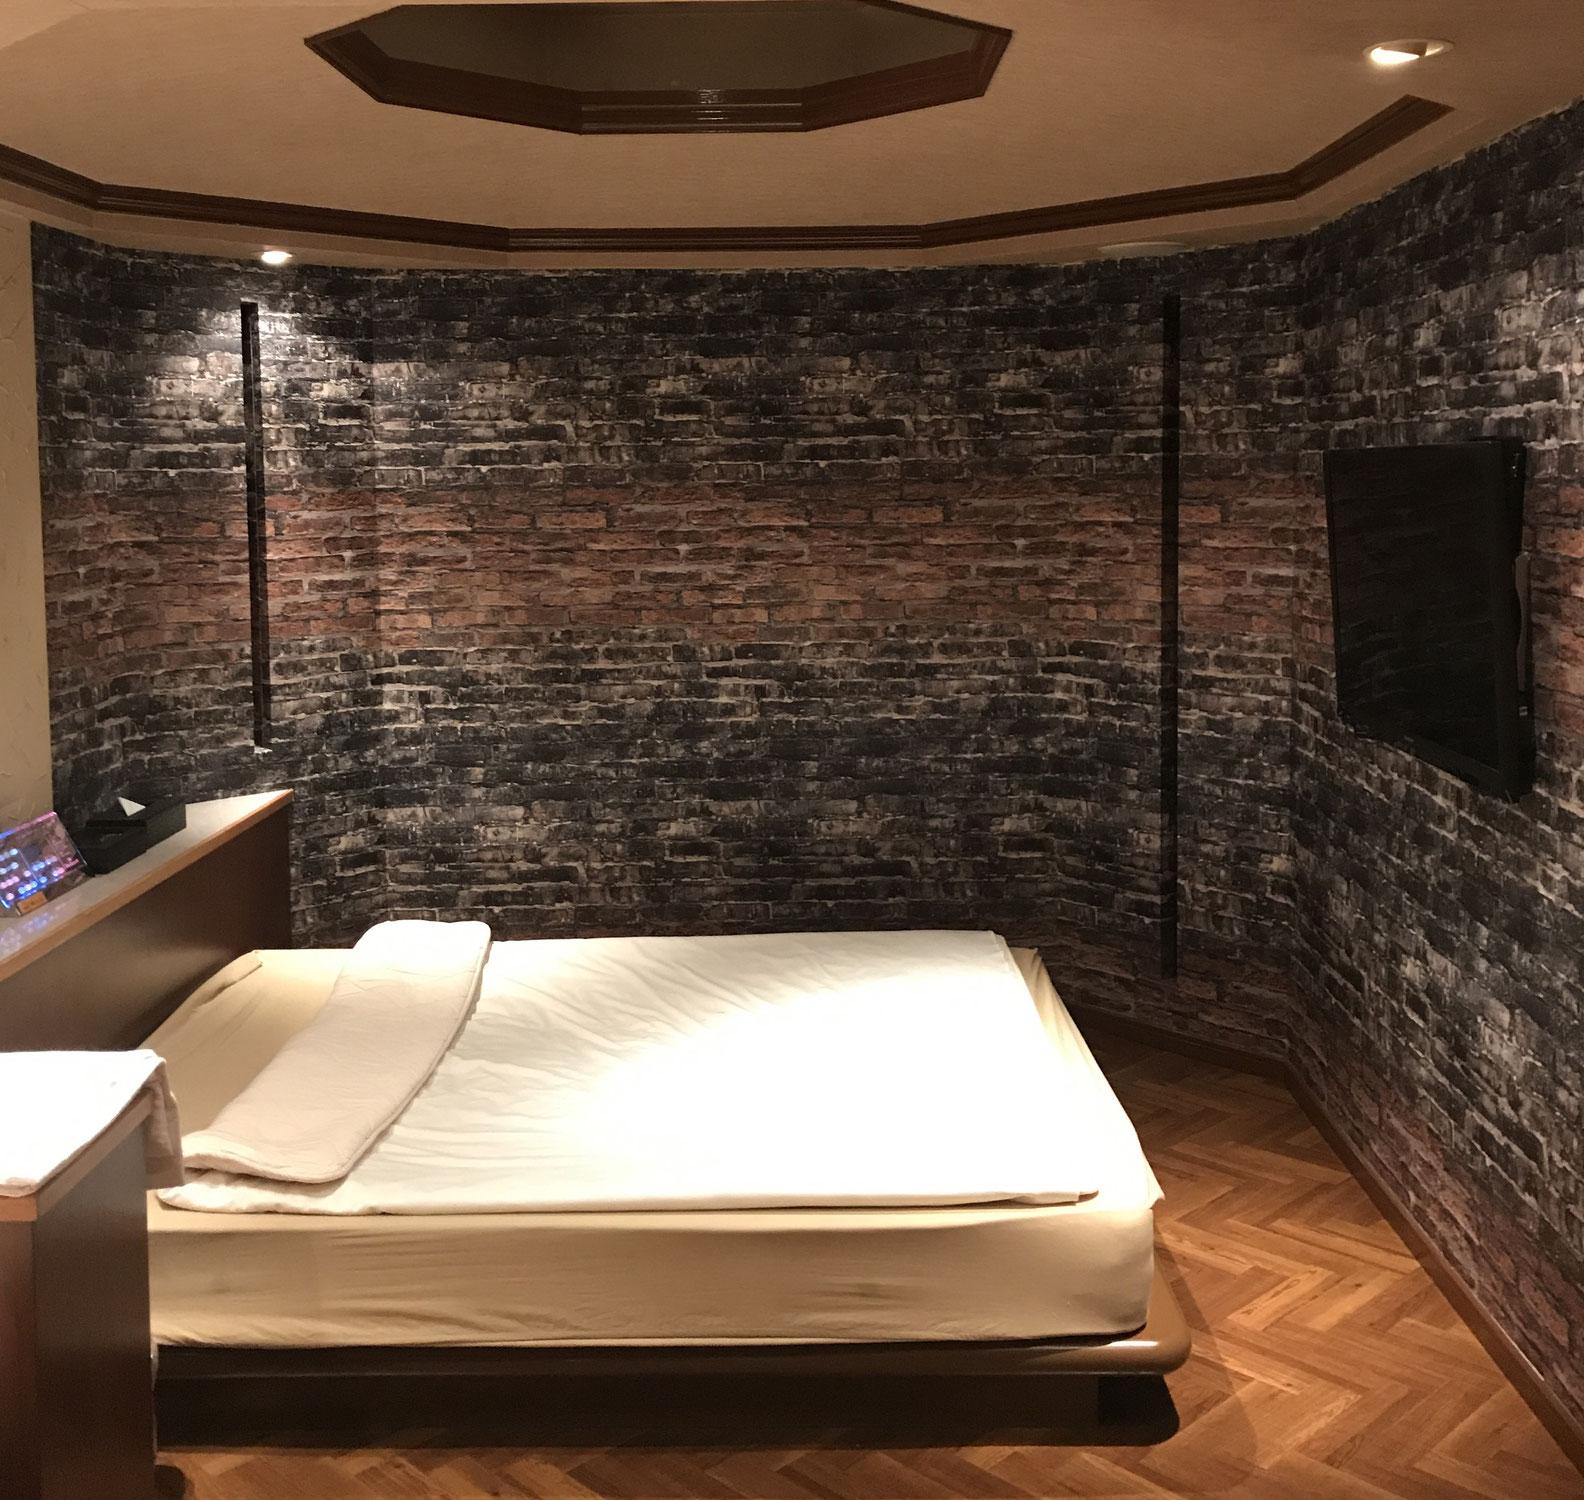 壁紙 林屋 壁床の張替 サッシ プロ掃除 リフォーム